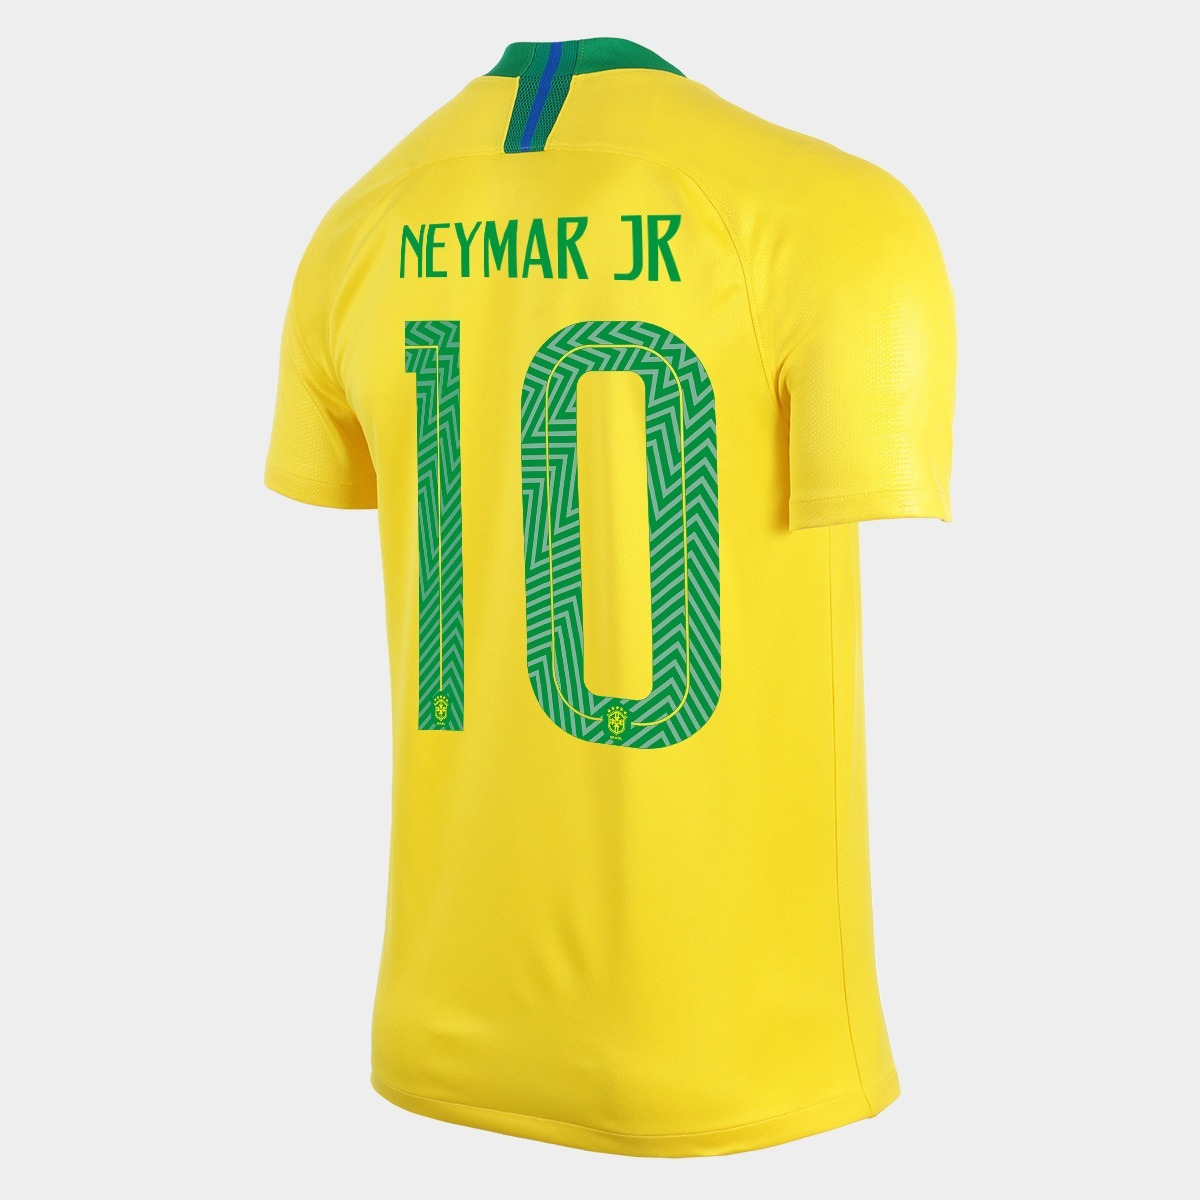 Camiseta Seleccion Brasil Rusia 2018 Neymar Jr - $ 1.699,00 en Mercado Libre